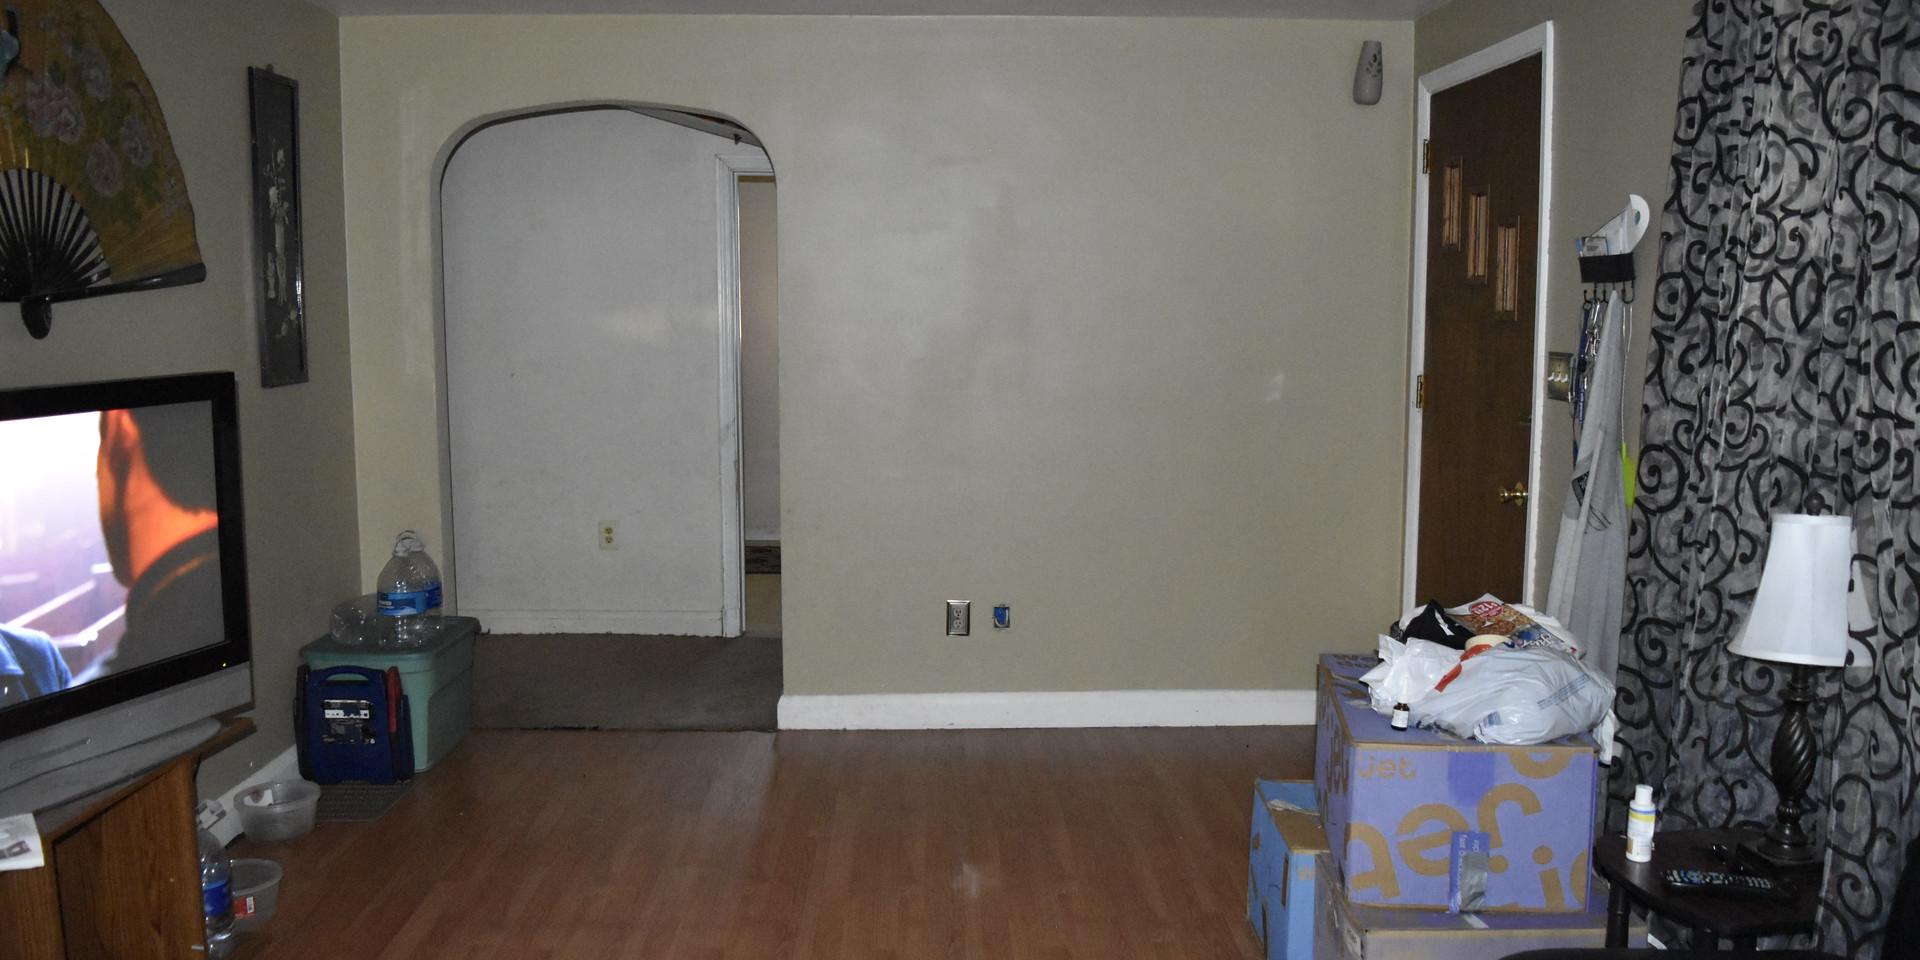 07 Living Room 5.JPG